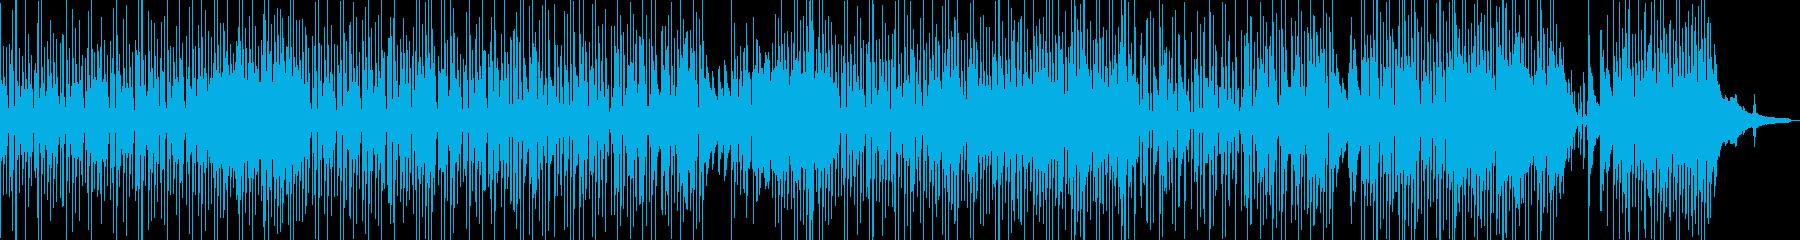 ほのぼの・日常的な映像や作品に ★の再生済みの波形